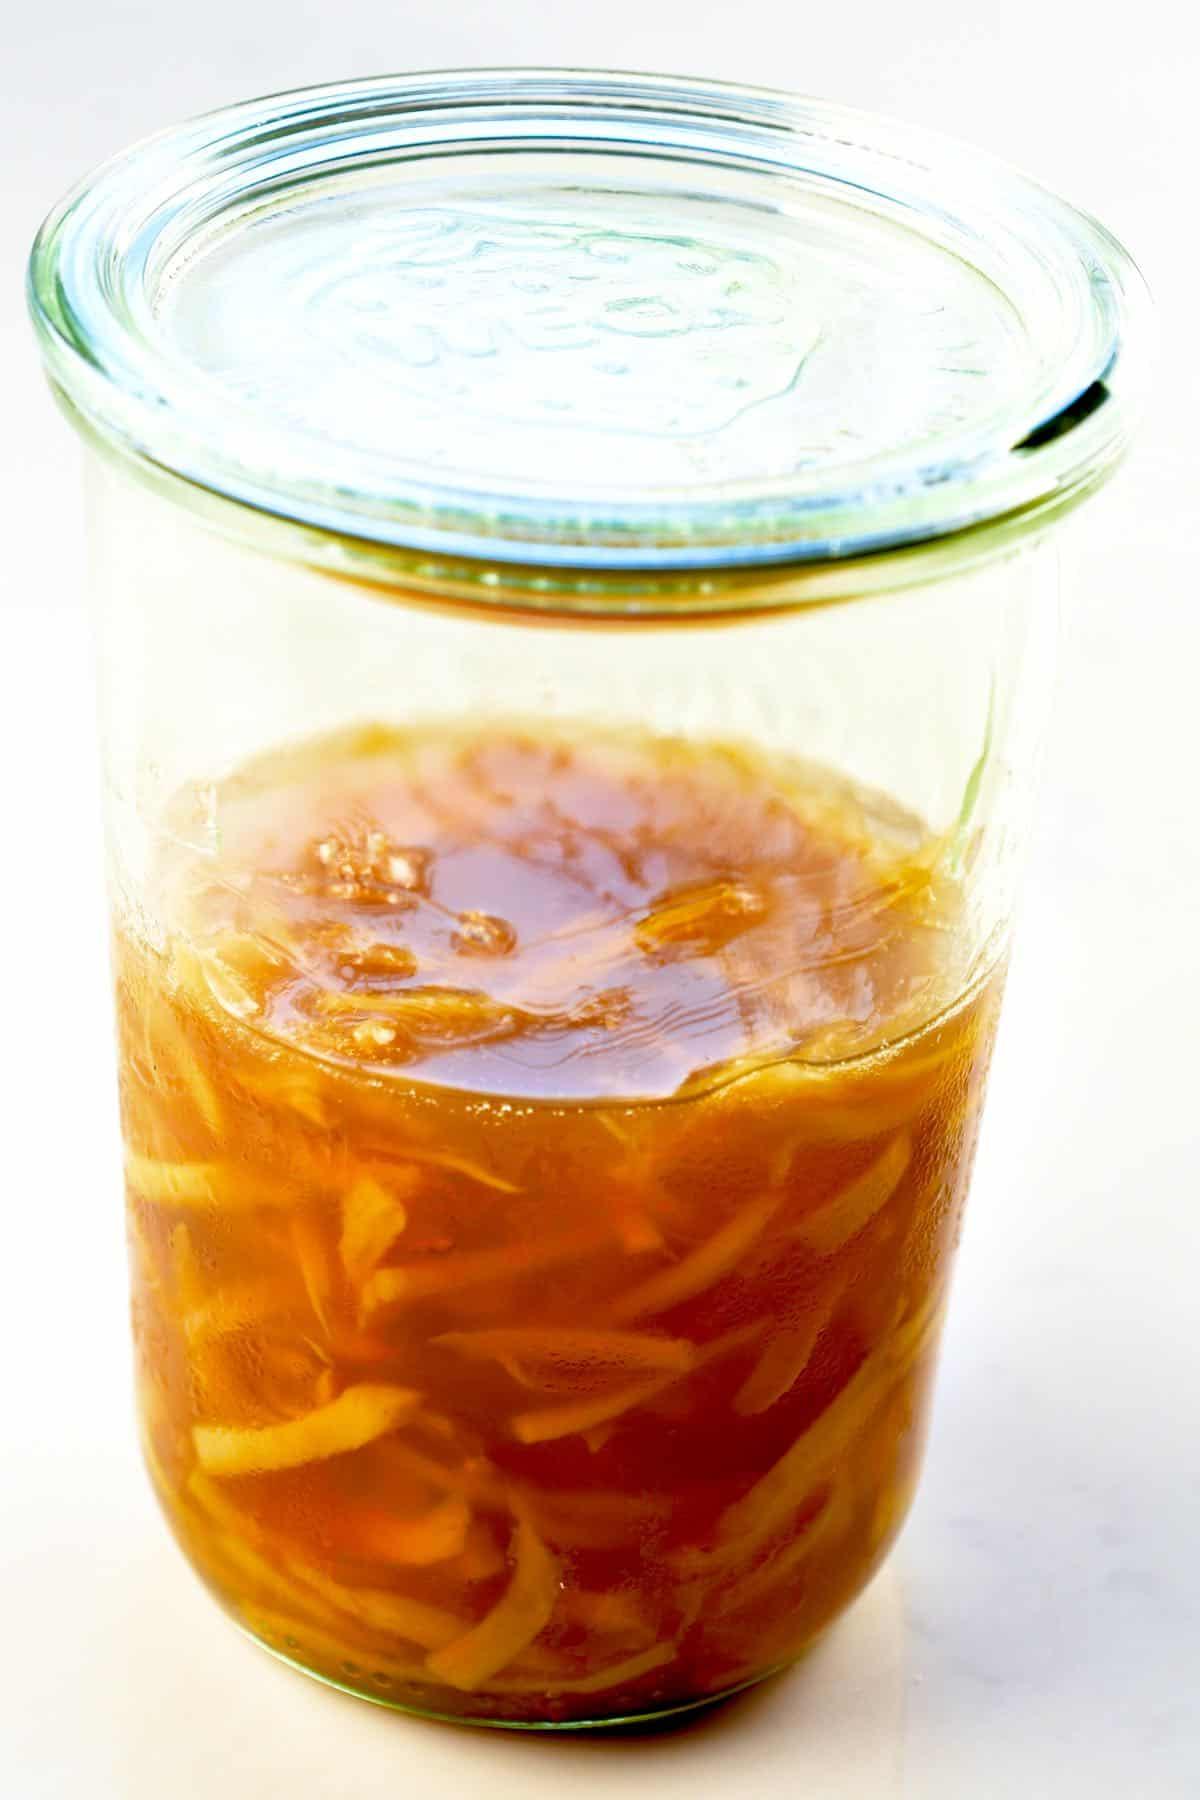 Ginger Jam in a jar